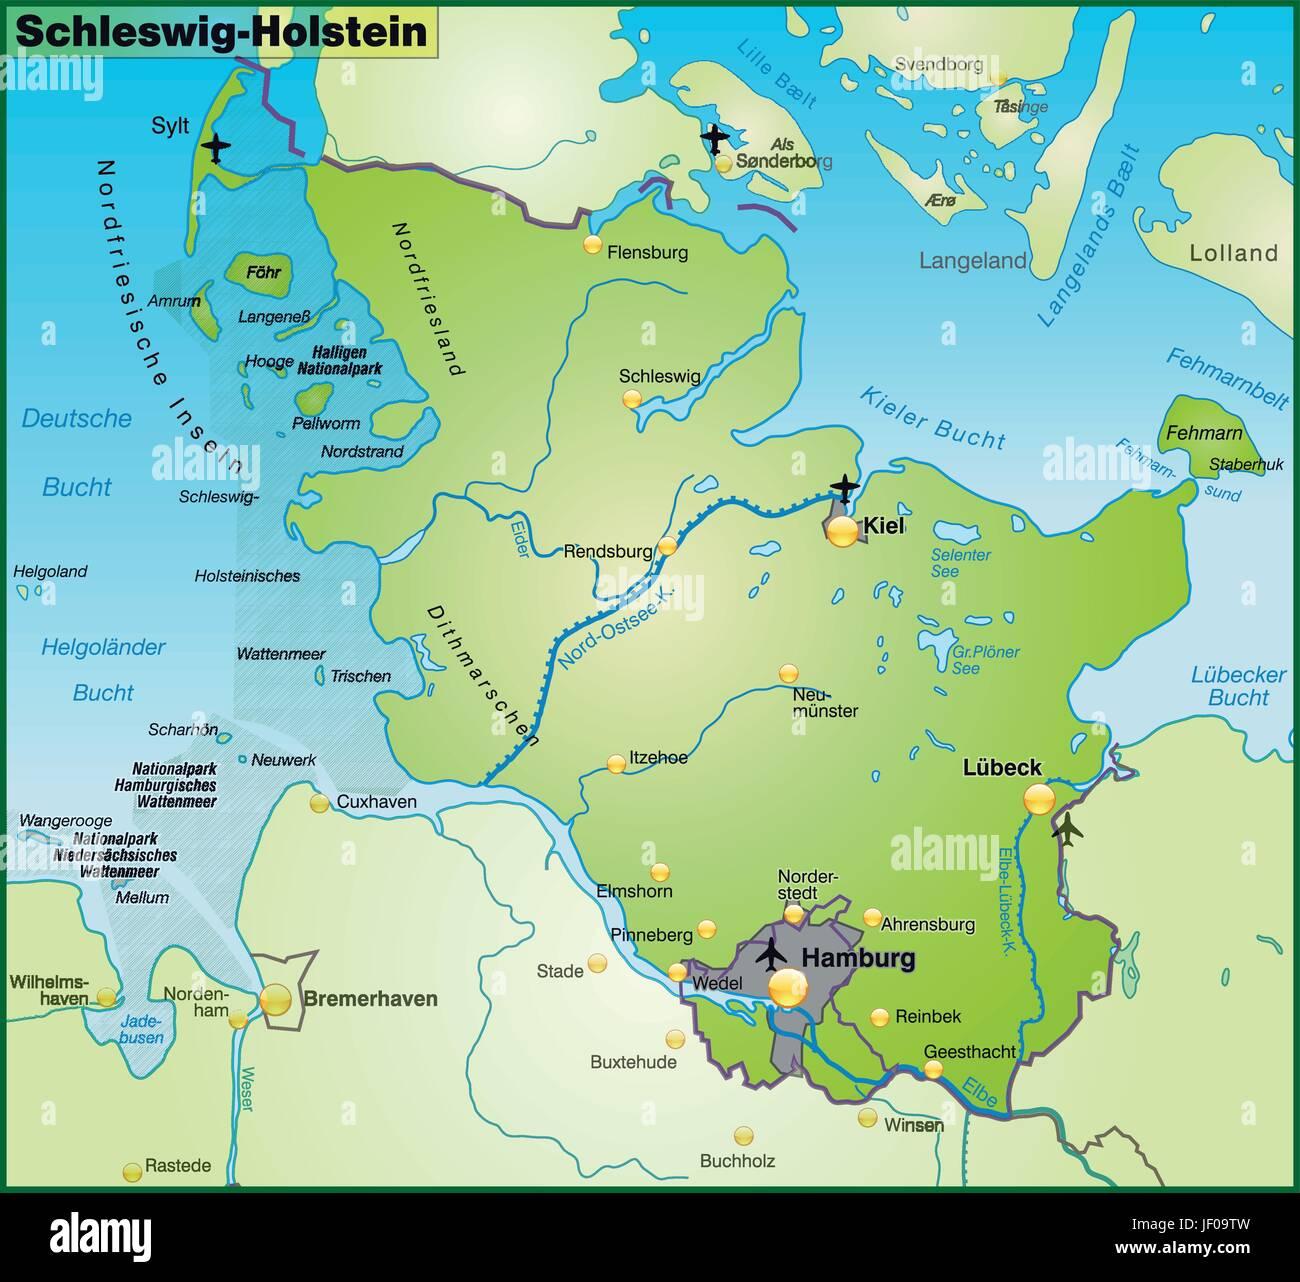 Schleswig Holstein Karte.Karte Des Landes Schleswig Holstein Als Eine übersichtskarte In Grün